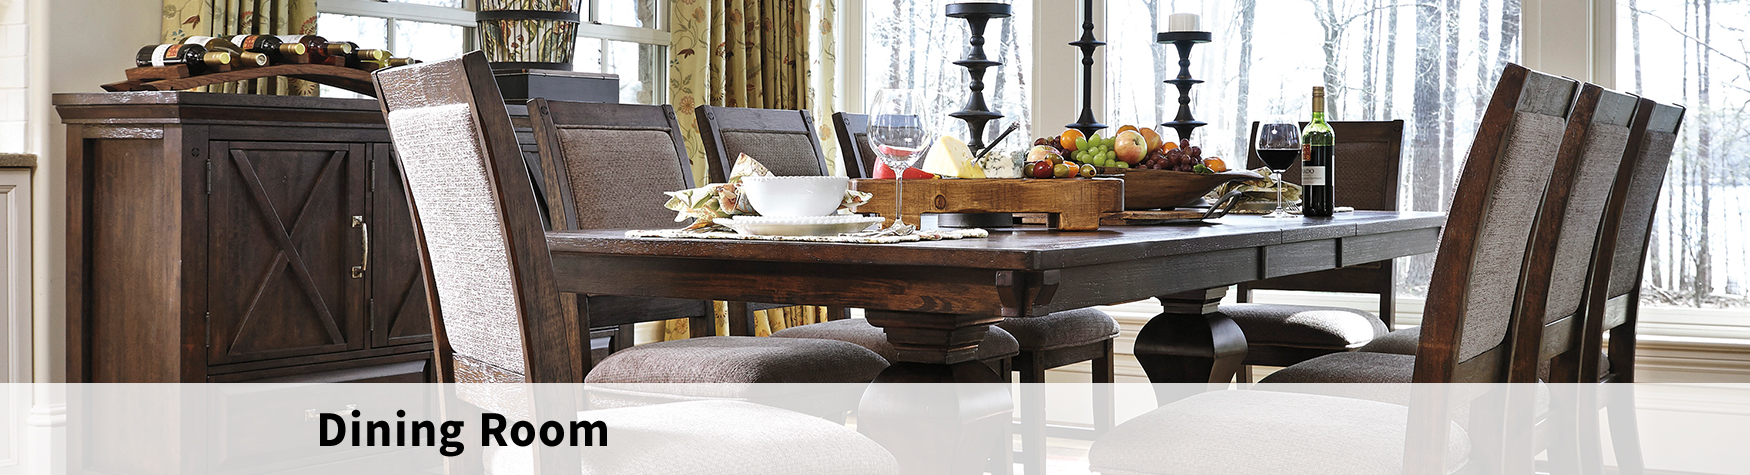 dining-banner.jpg